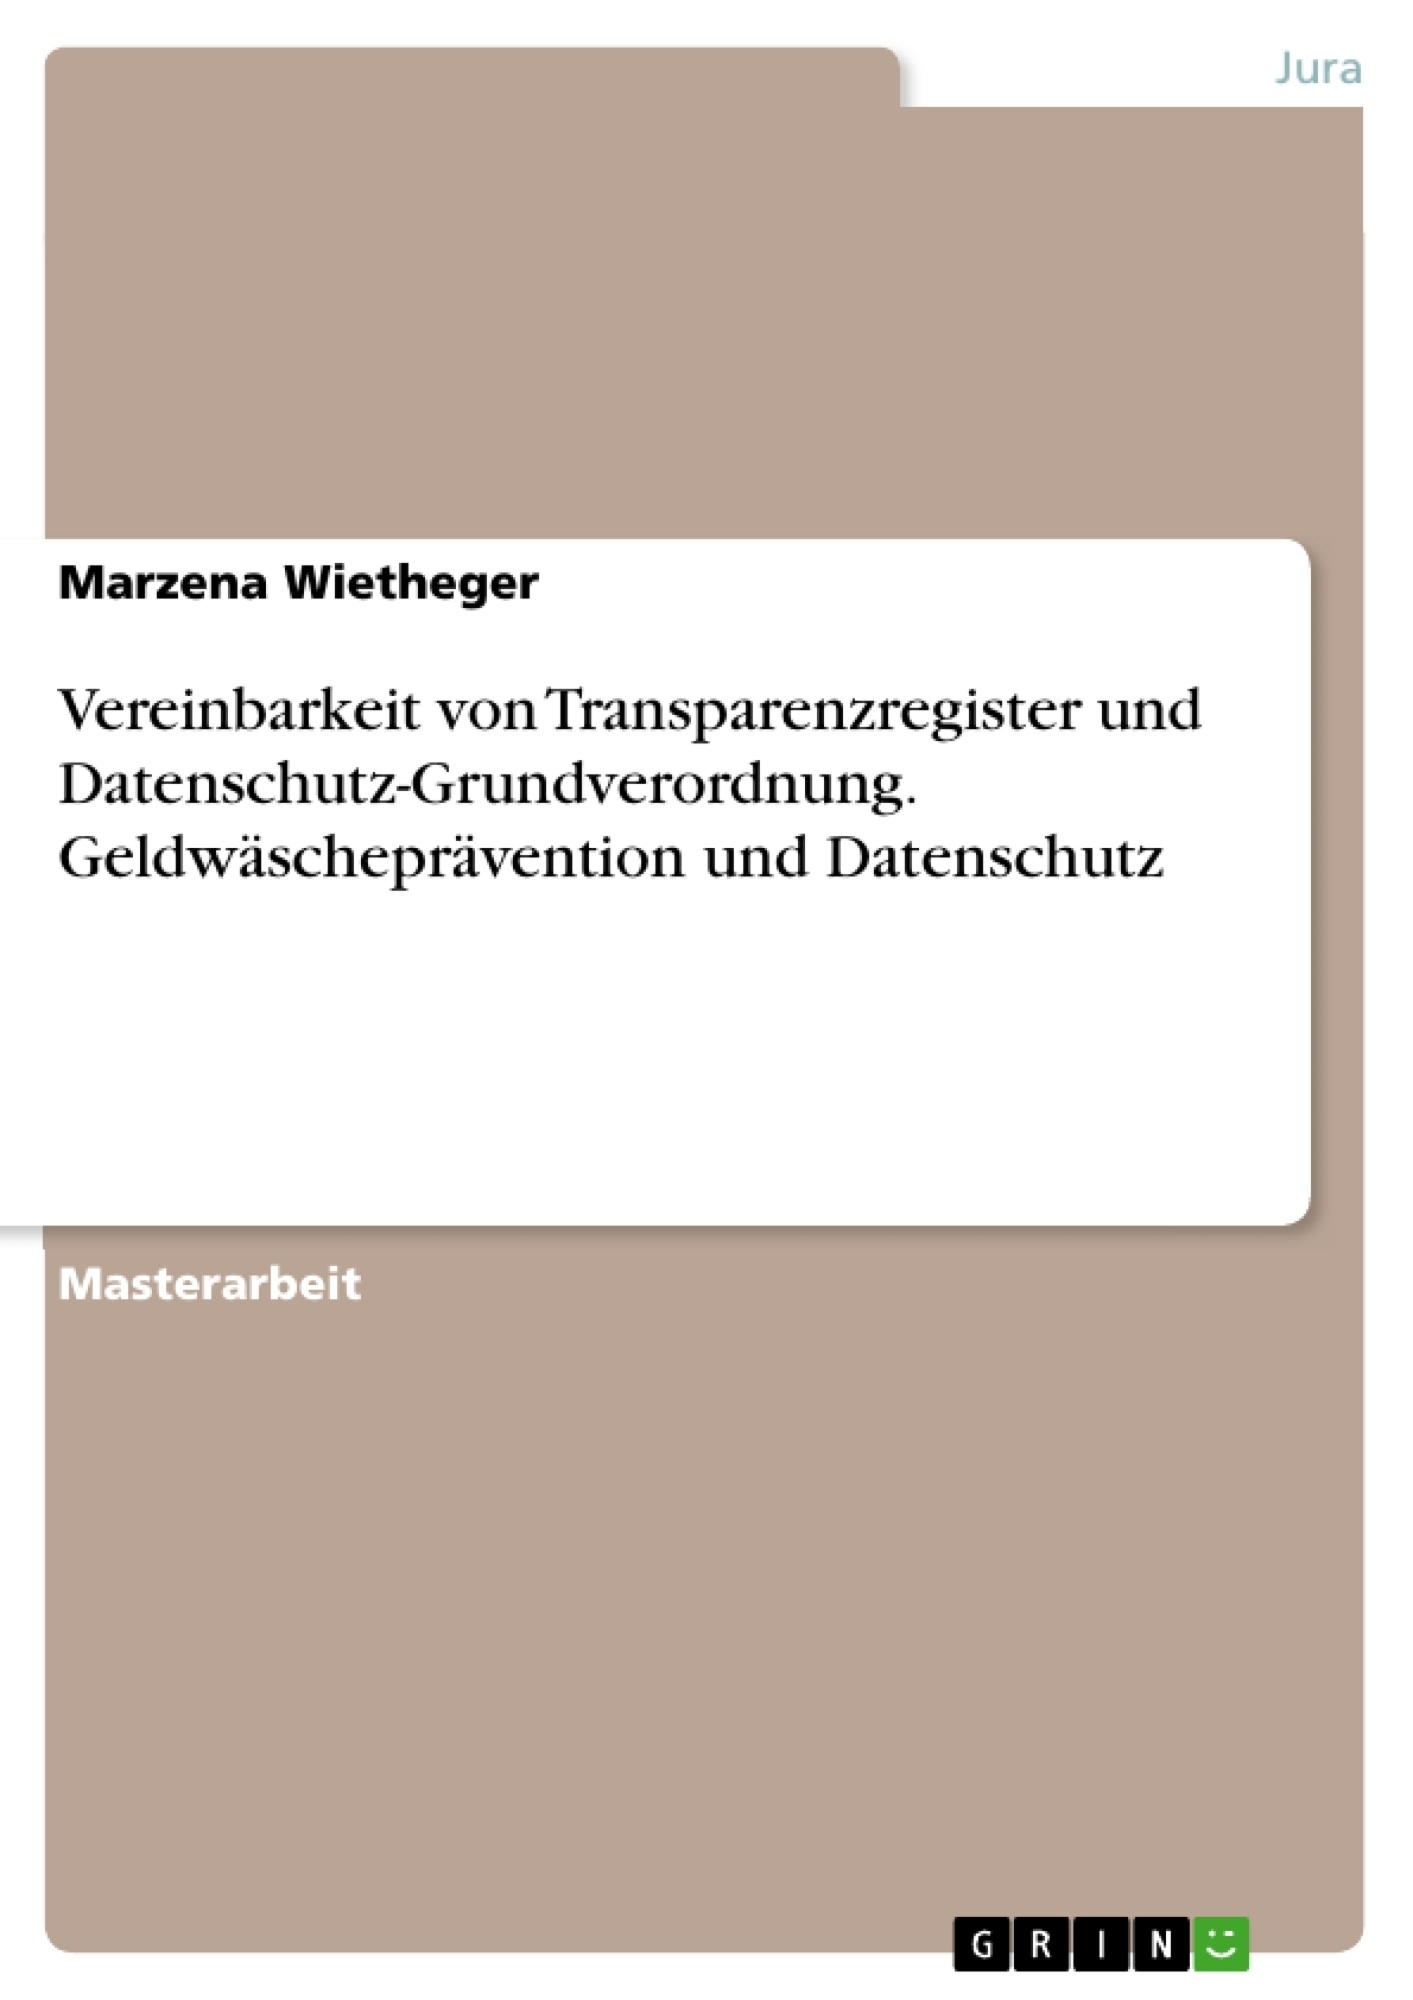 Titel: Vereinbarkeit von Transparenzregister und Datenschutz-Grundverordnung. Geldwäscheprävention und Datenschutz